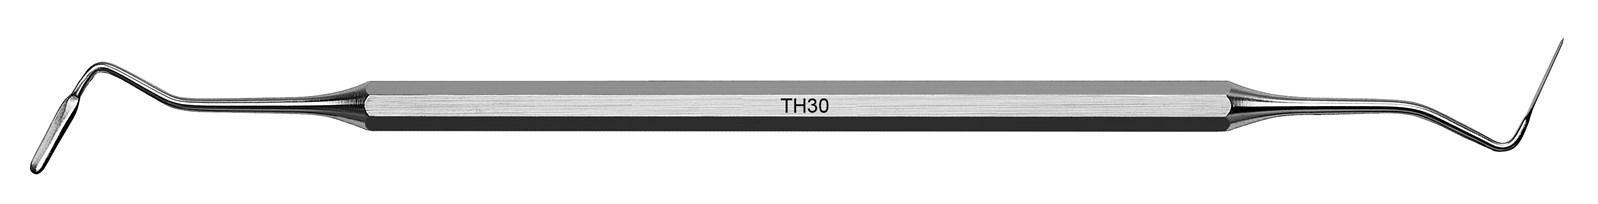 Periotom - TH30, ADEP fialový